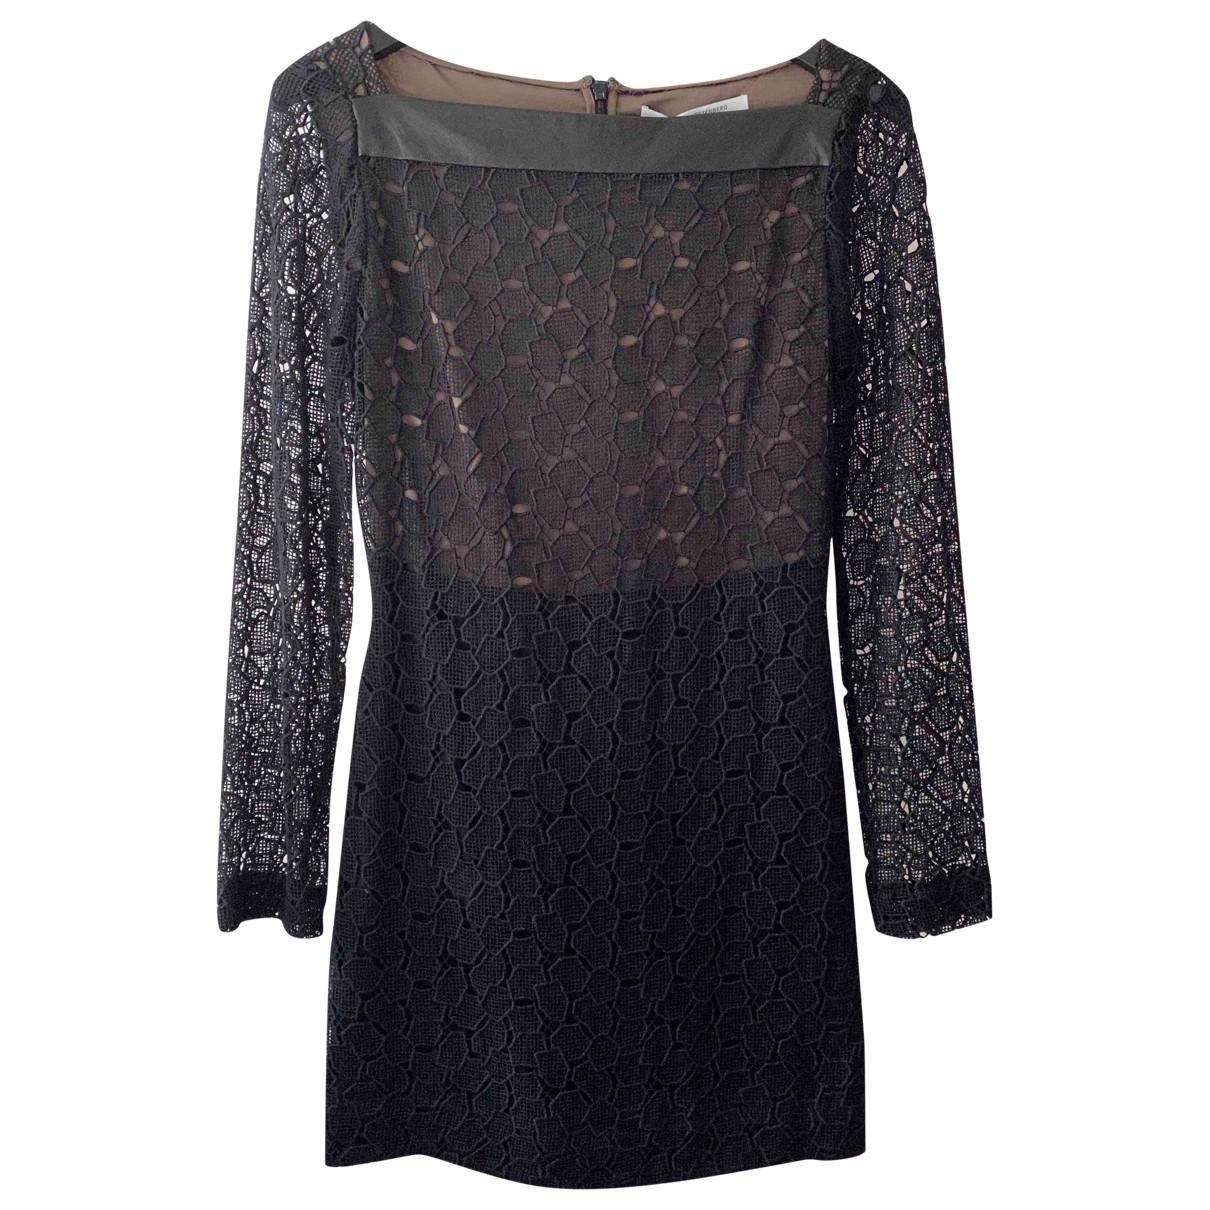 Diane Von Furstenberg \N Black Cotton dress for Women 4 US